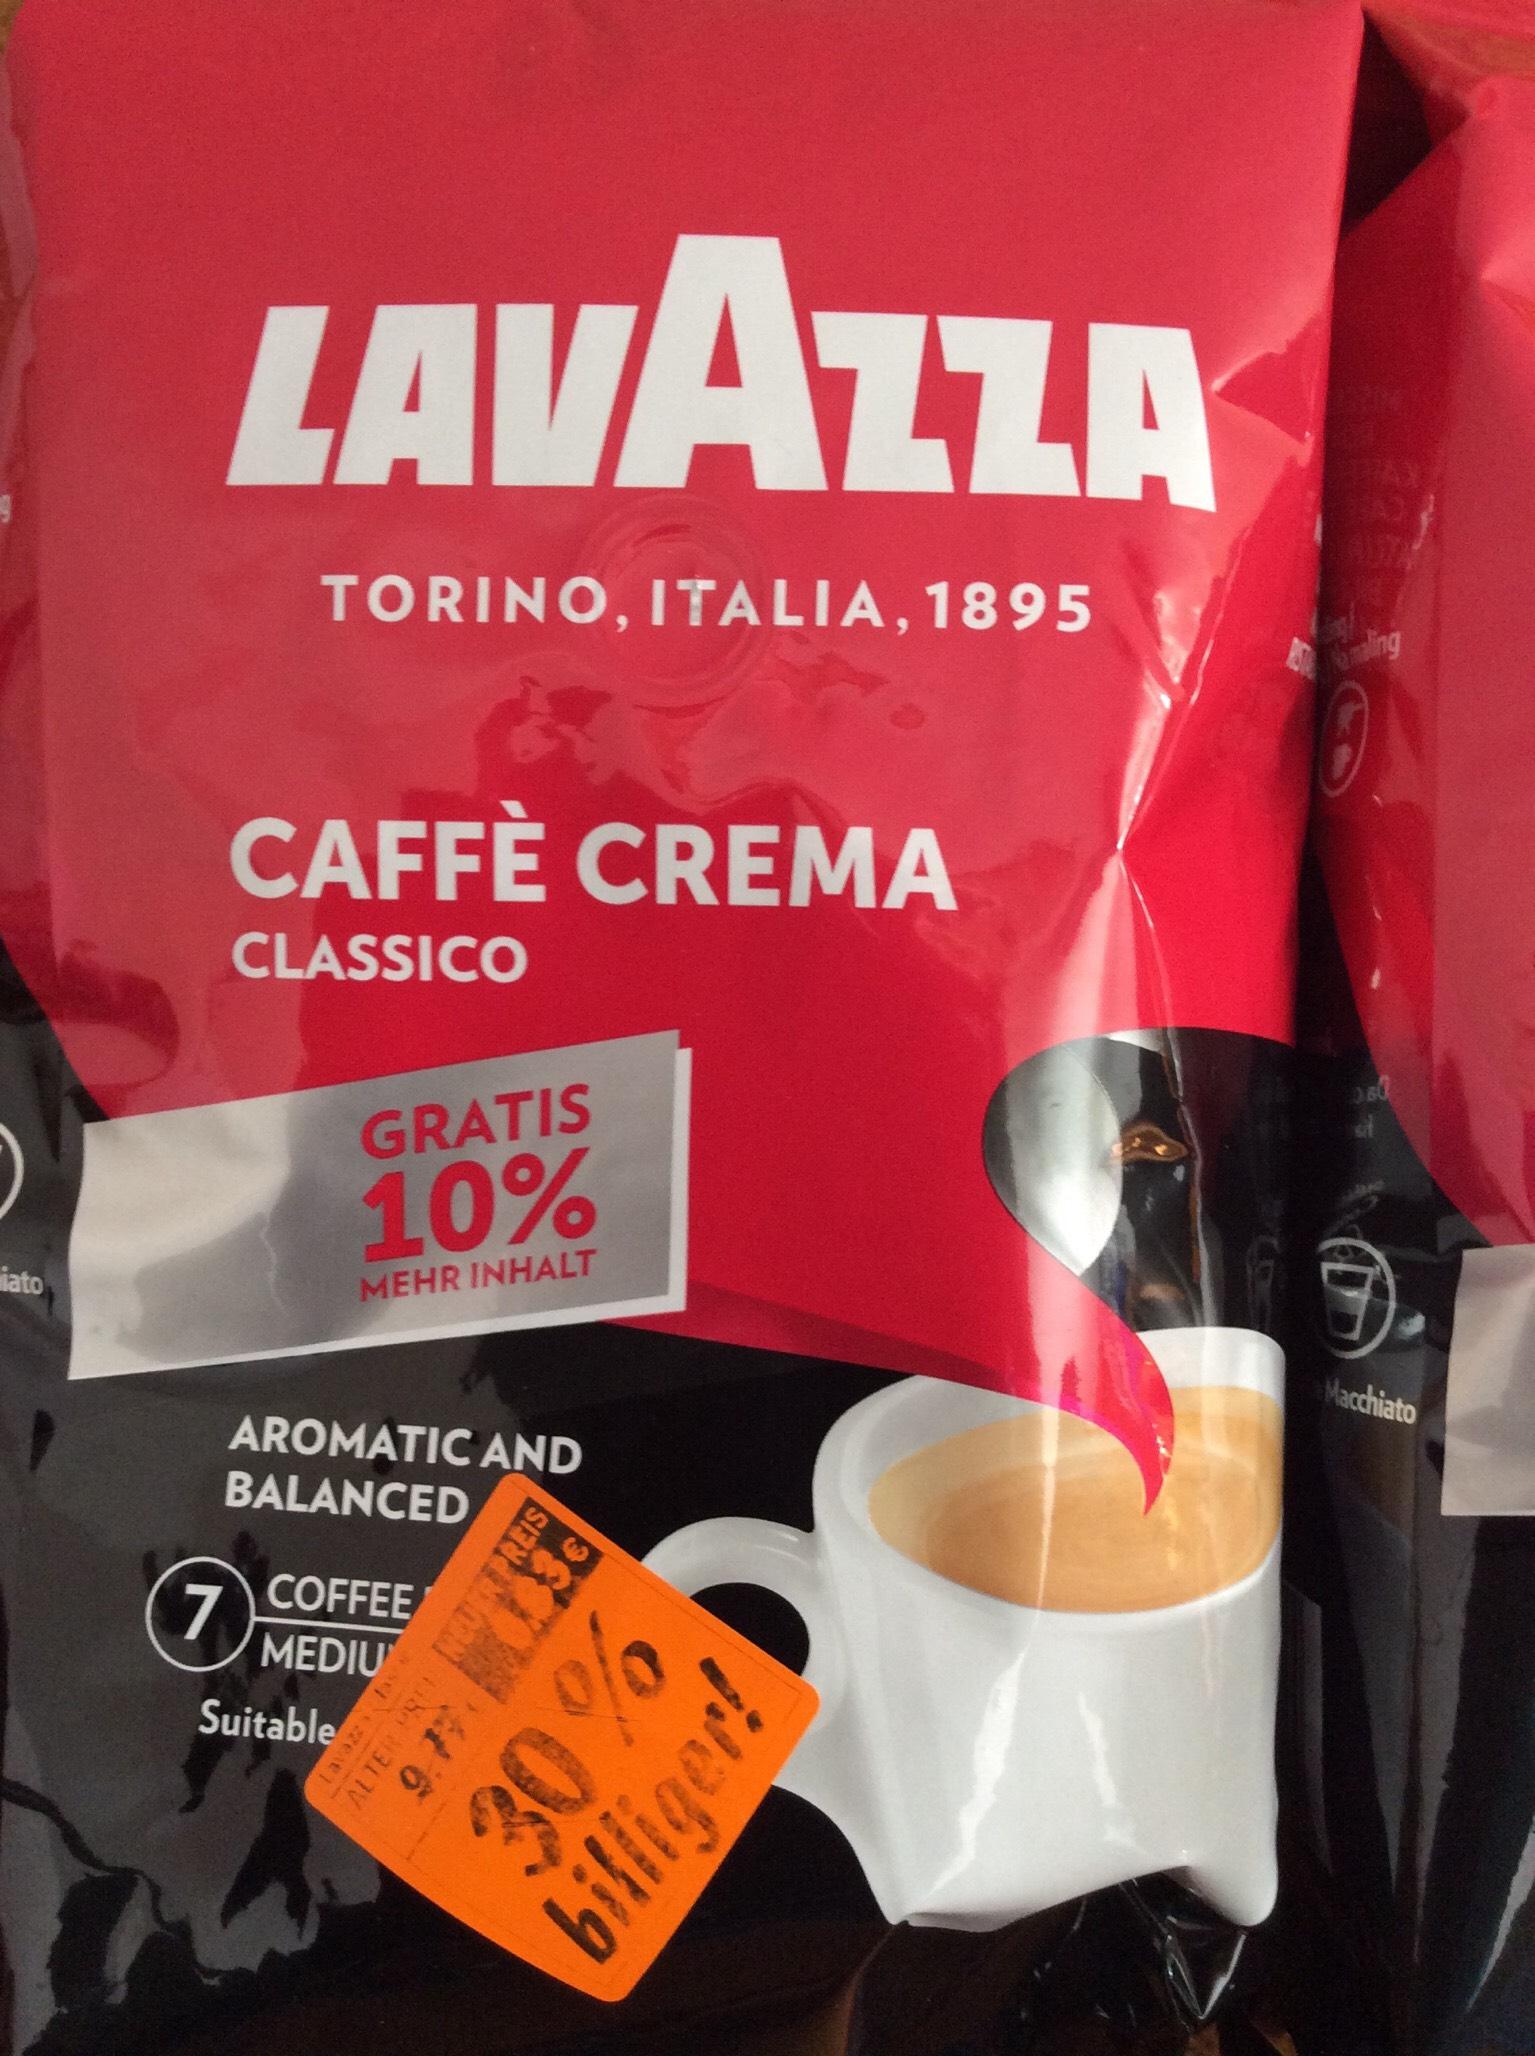 Lavazza 1100g im Abverkauf bei Lidl (eventuell war das Angebot nur örtlich in Burgdorf verfügbar)